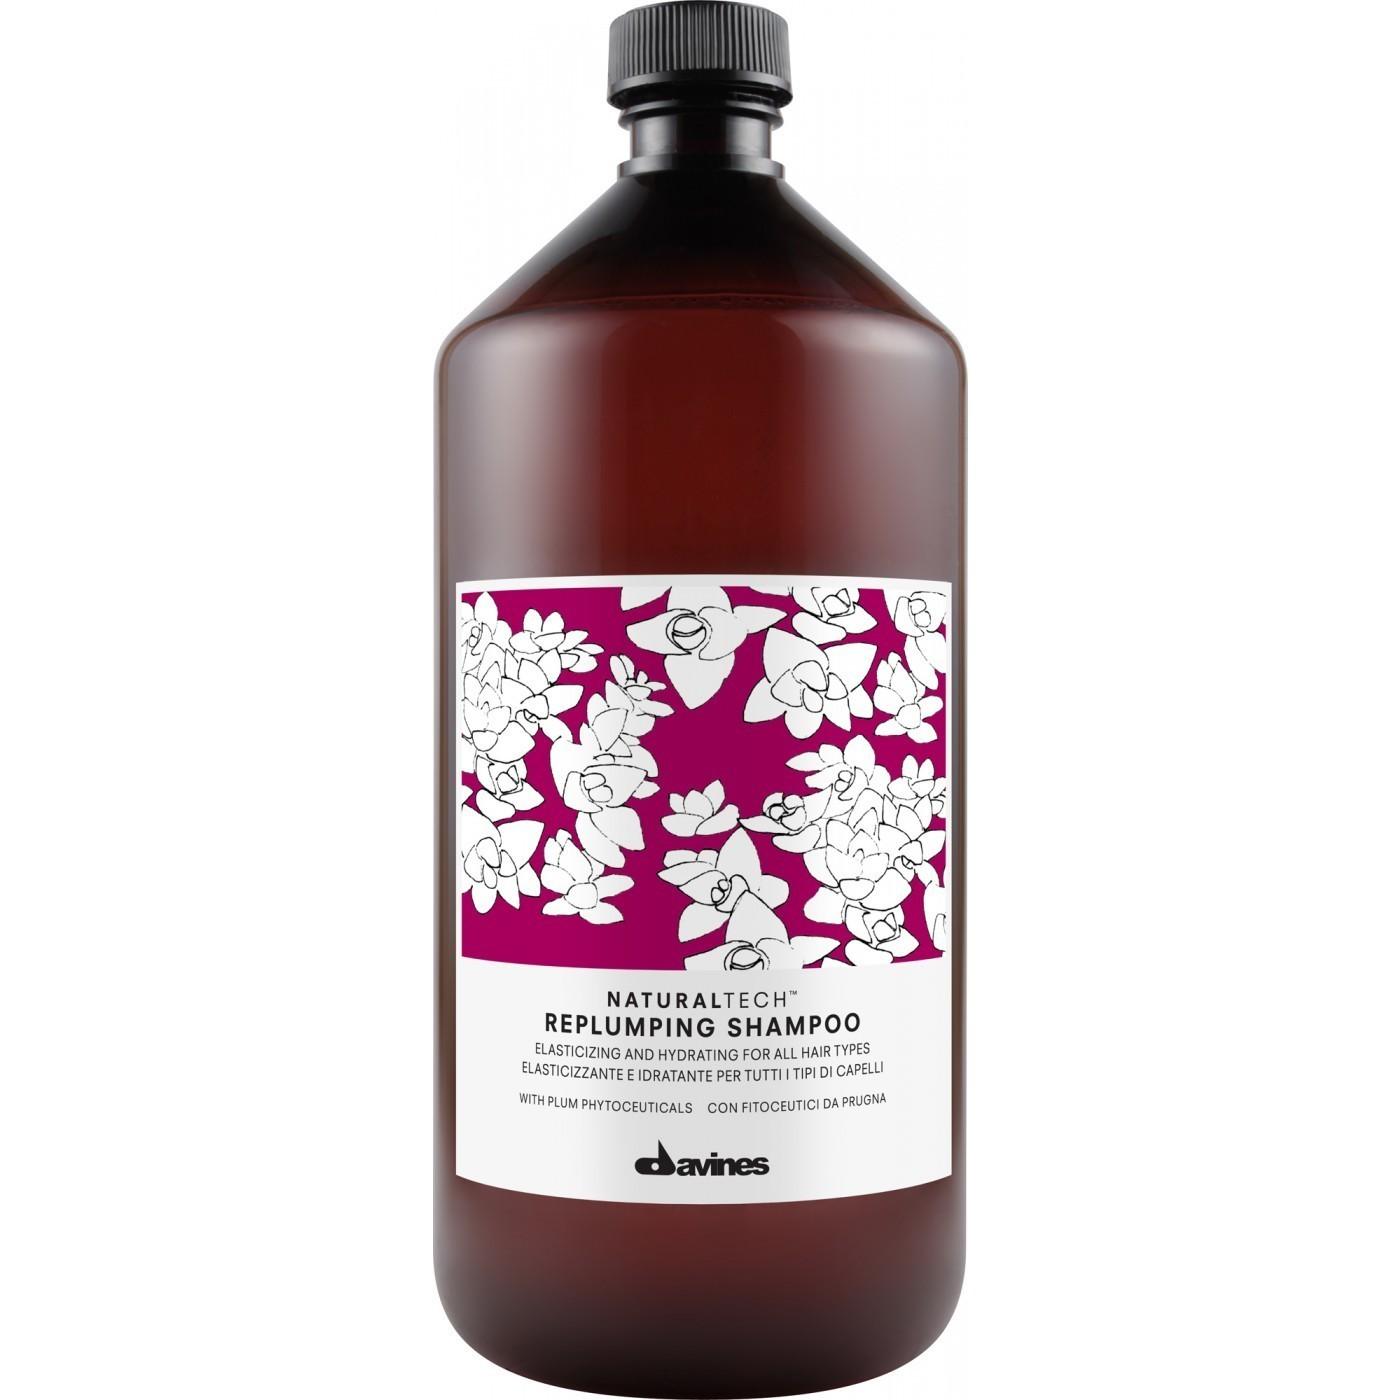 Davines Replumping Shampoo 1 lt | Hidratación y Elasticidad